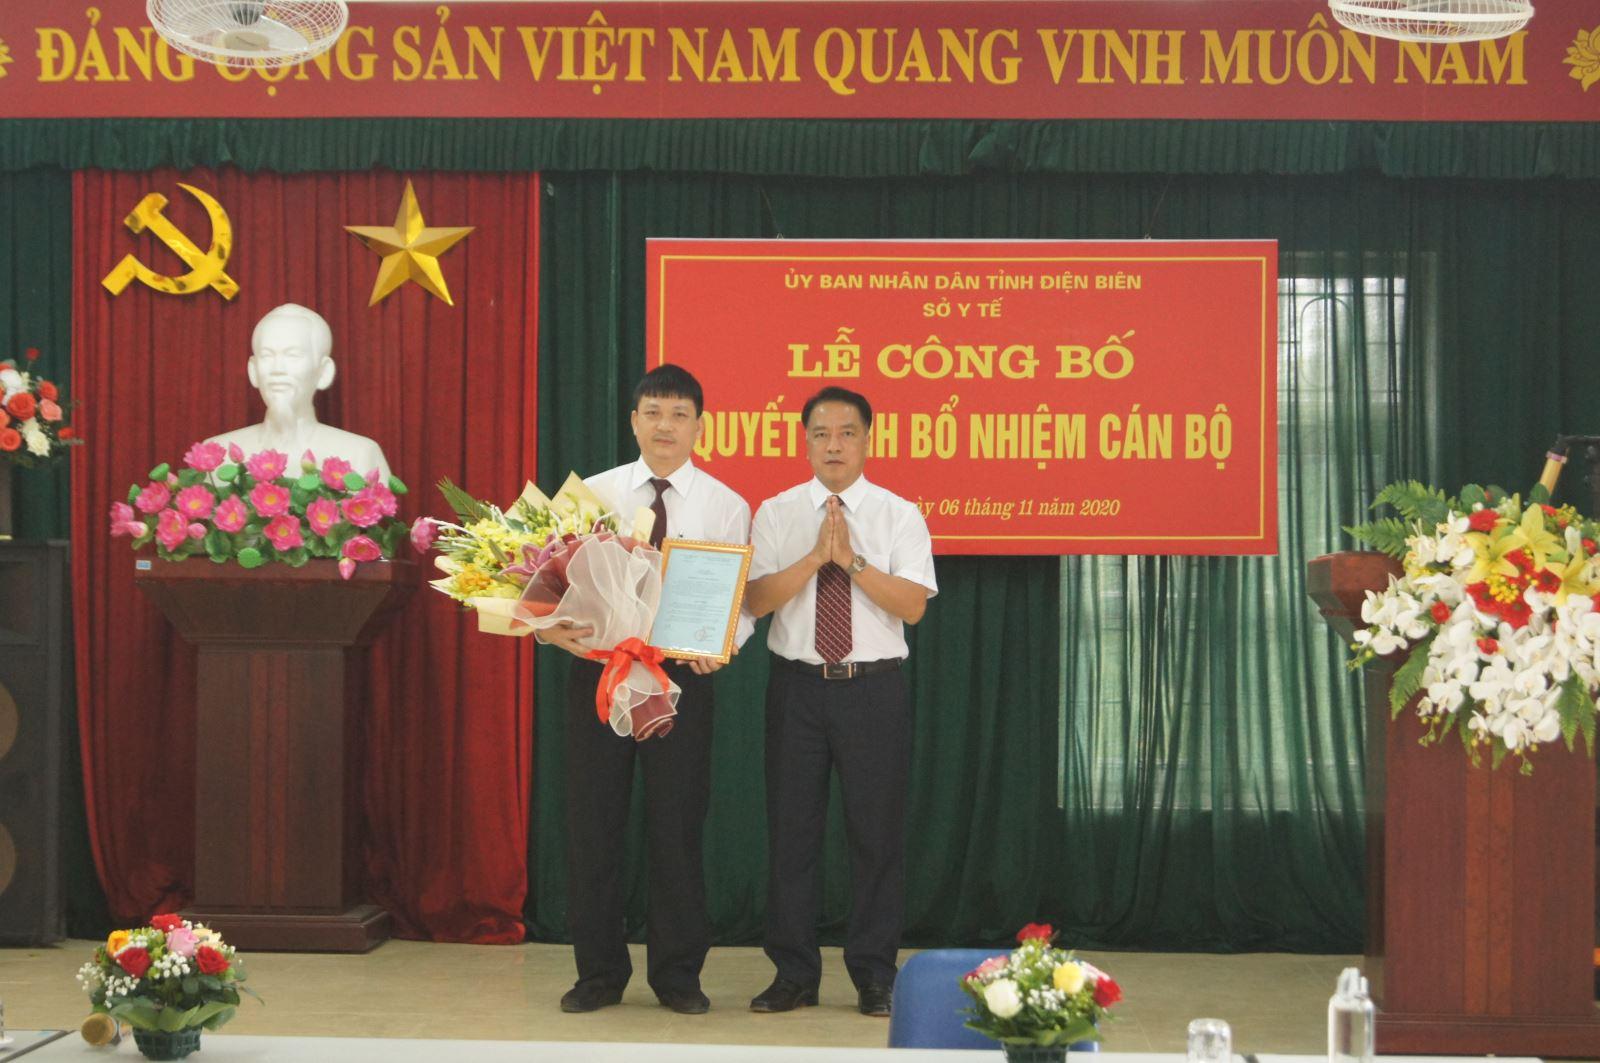 Đồng chí Phạm Giang Nam, Phó Giám đốc Sở Y tế trao Quyết định bổ nhiệm Giám đốc Bệnh viện Phổi tỉnh Điện Biên